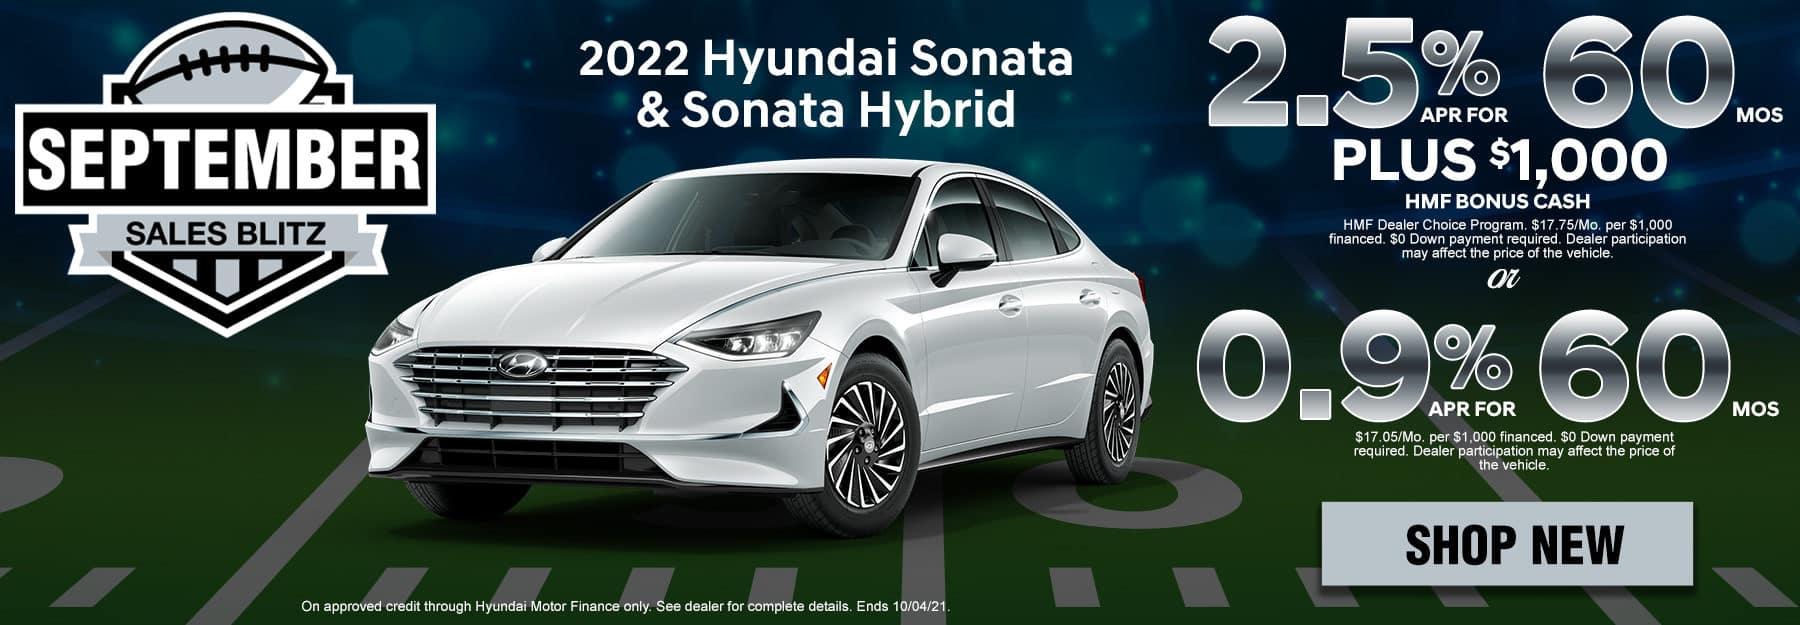 HOLV sonata hybrid Sep21-2REV